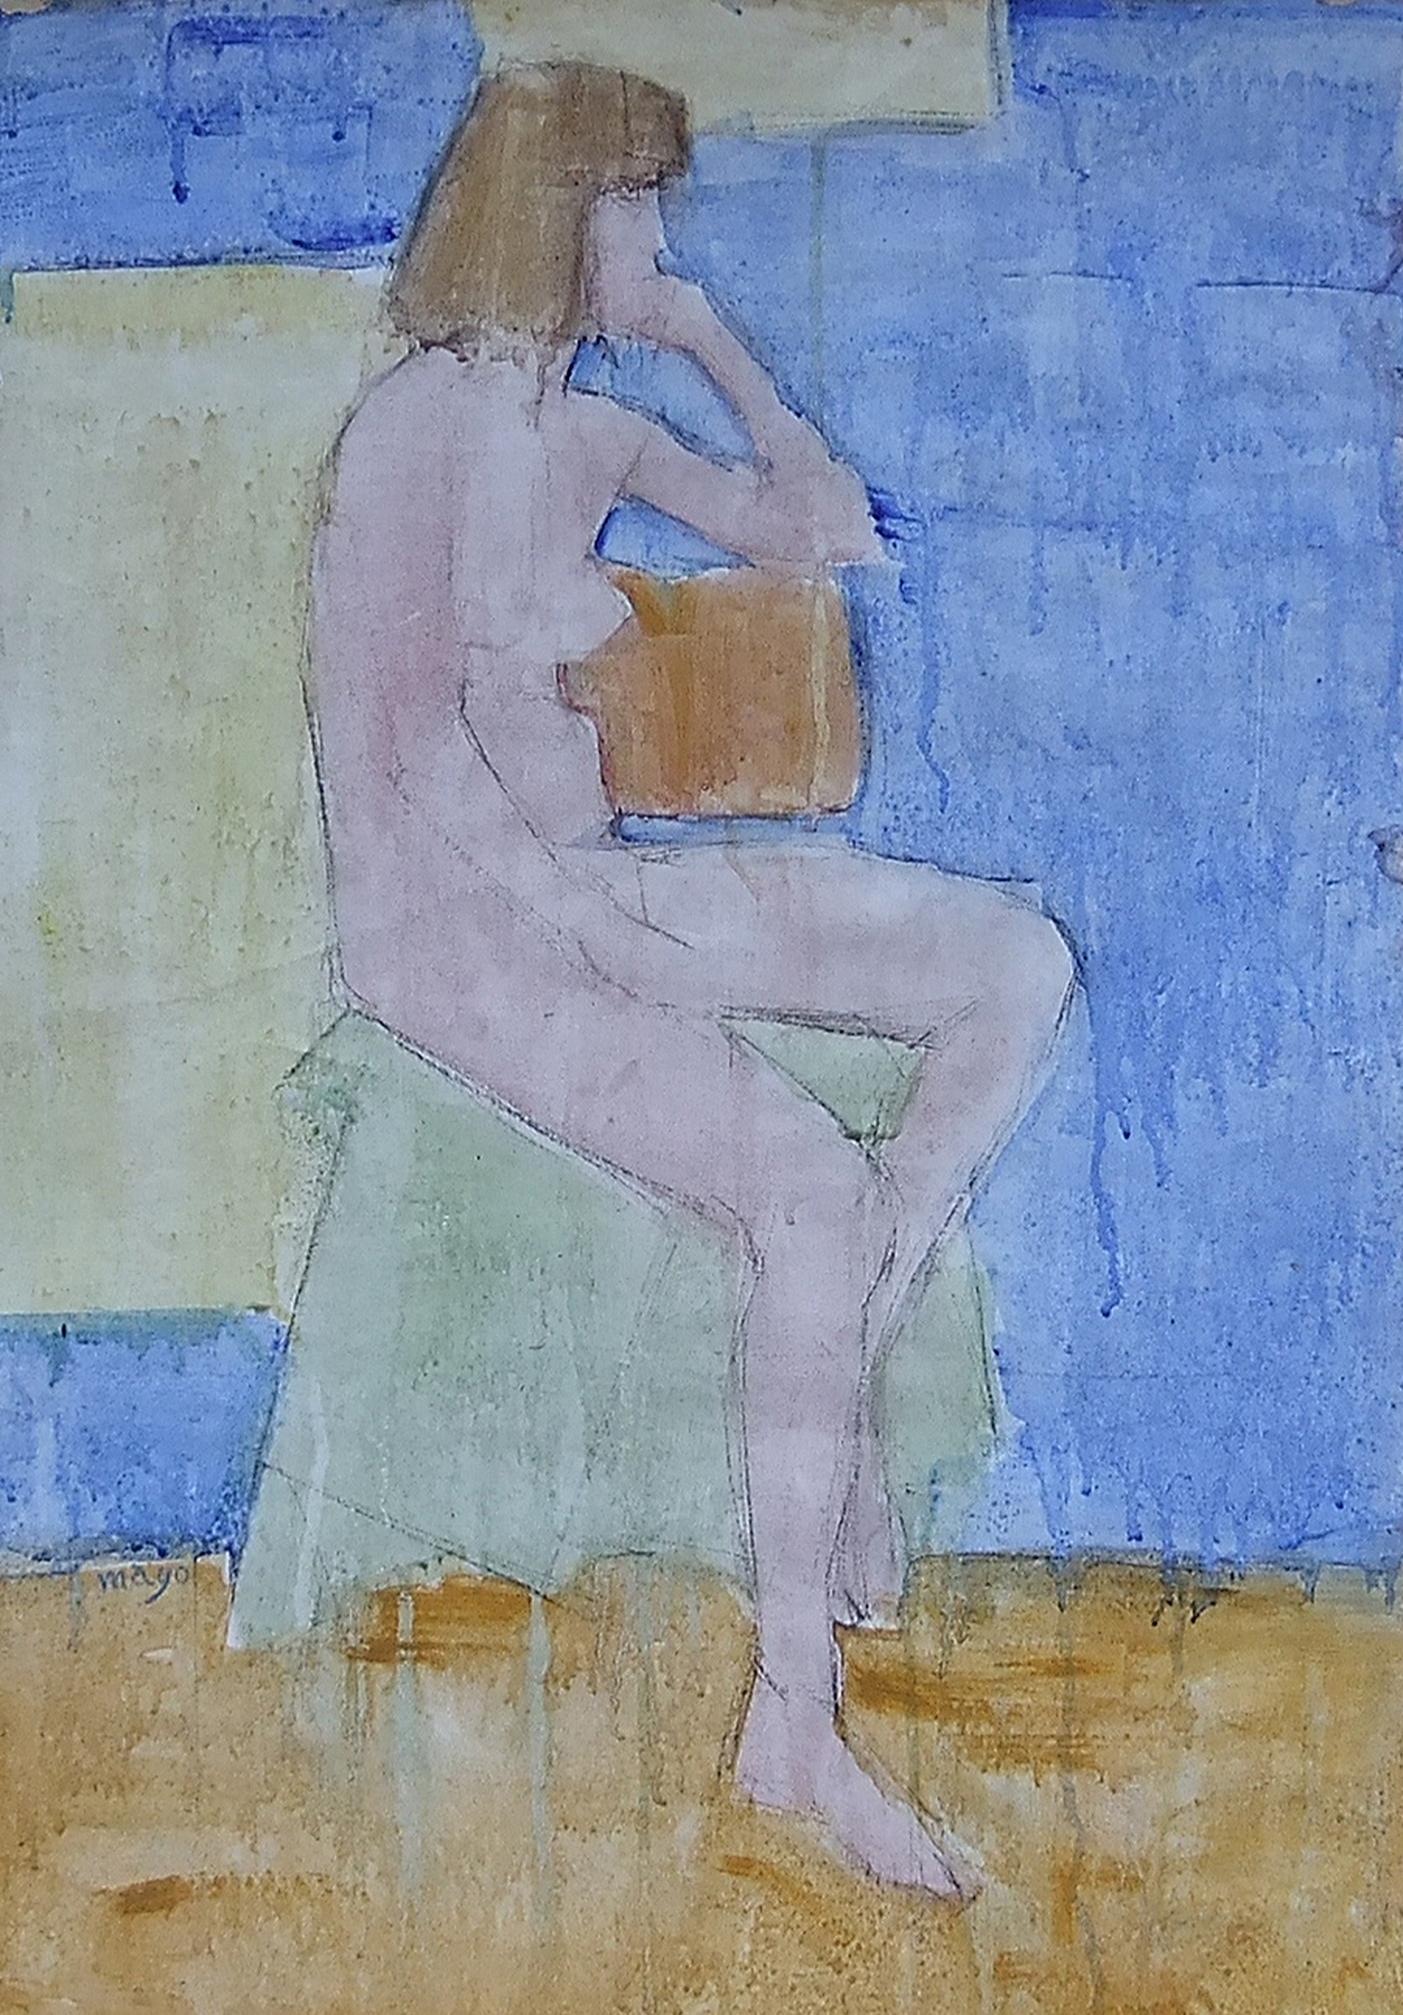 ΜΑΛΛΙΑΡΑΚΗΣ Αντώνης (MAYO) (1906 - 1990)